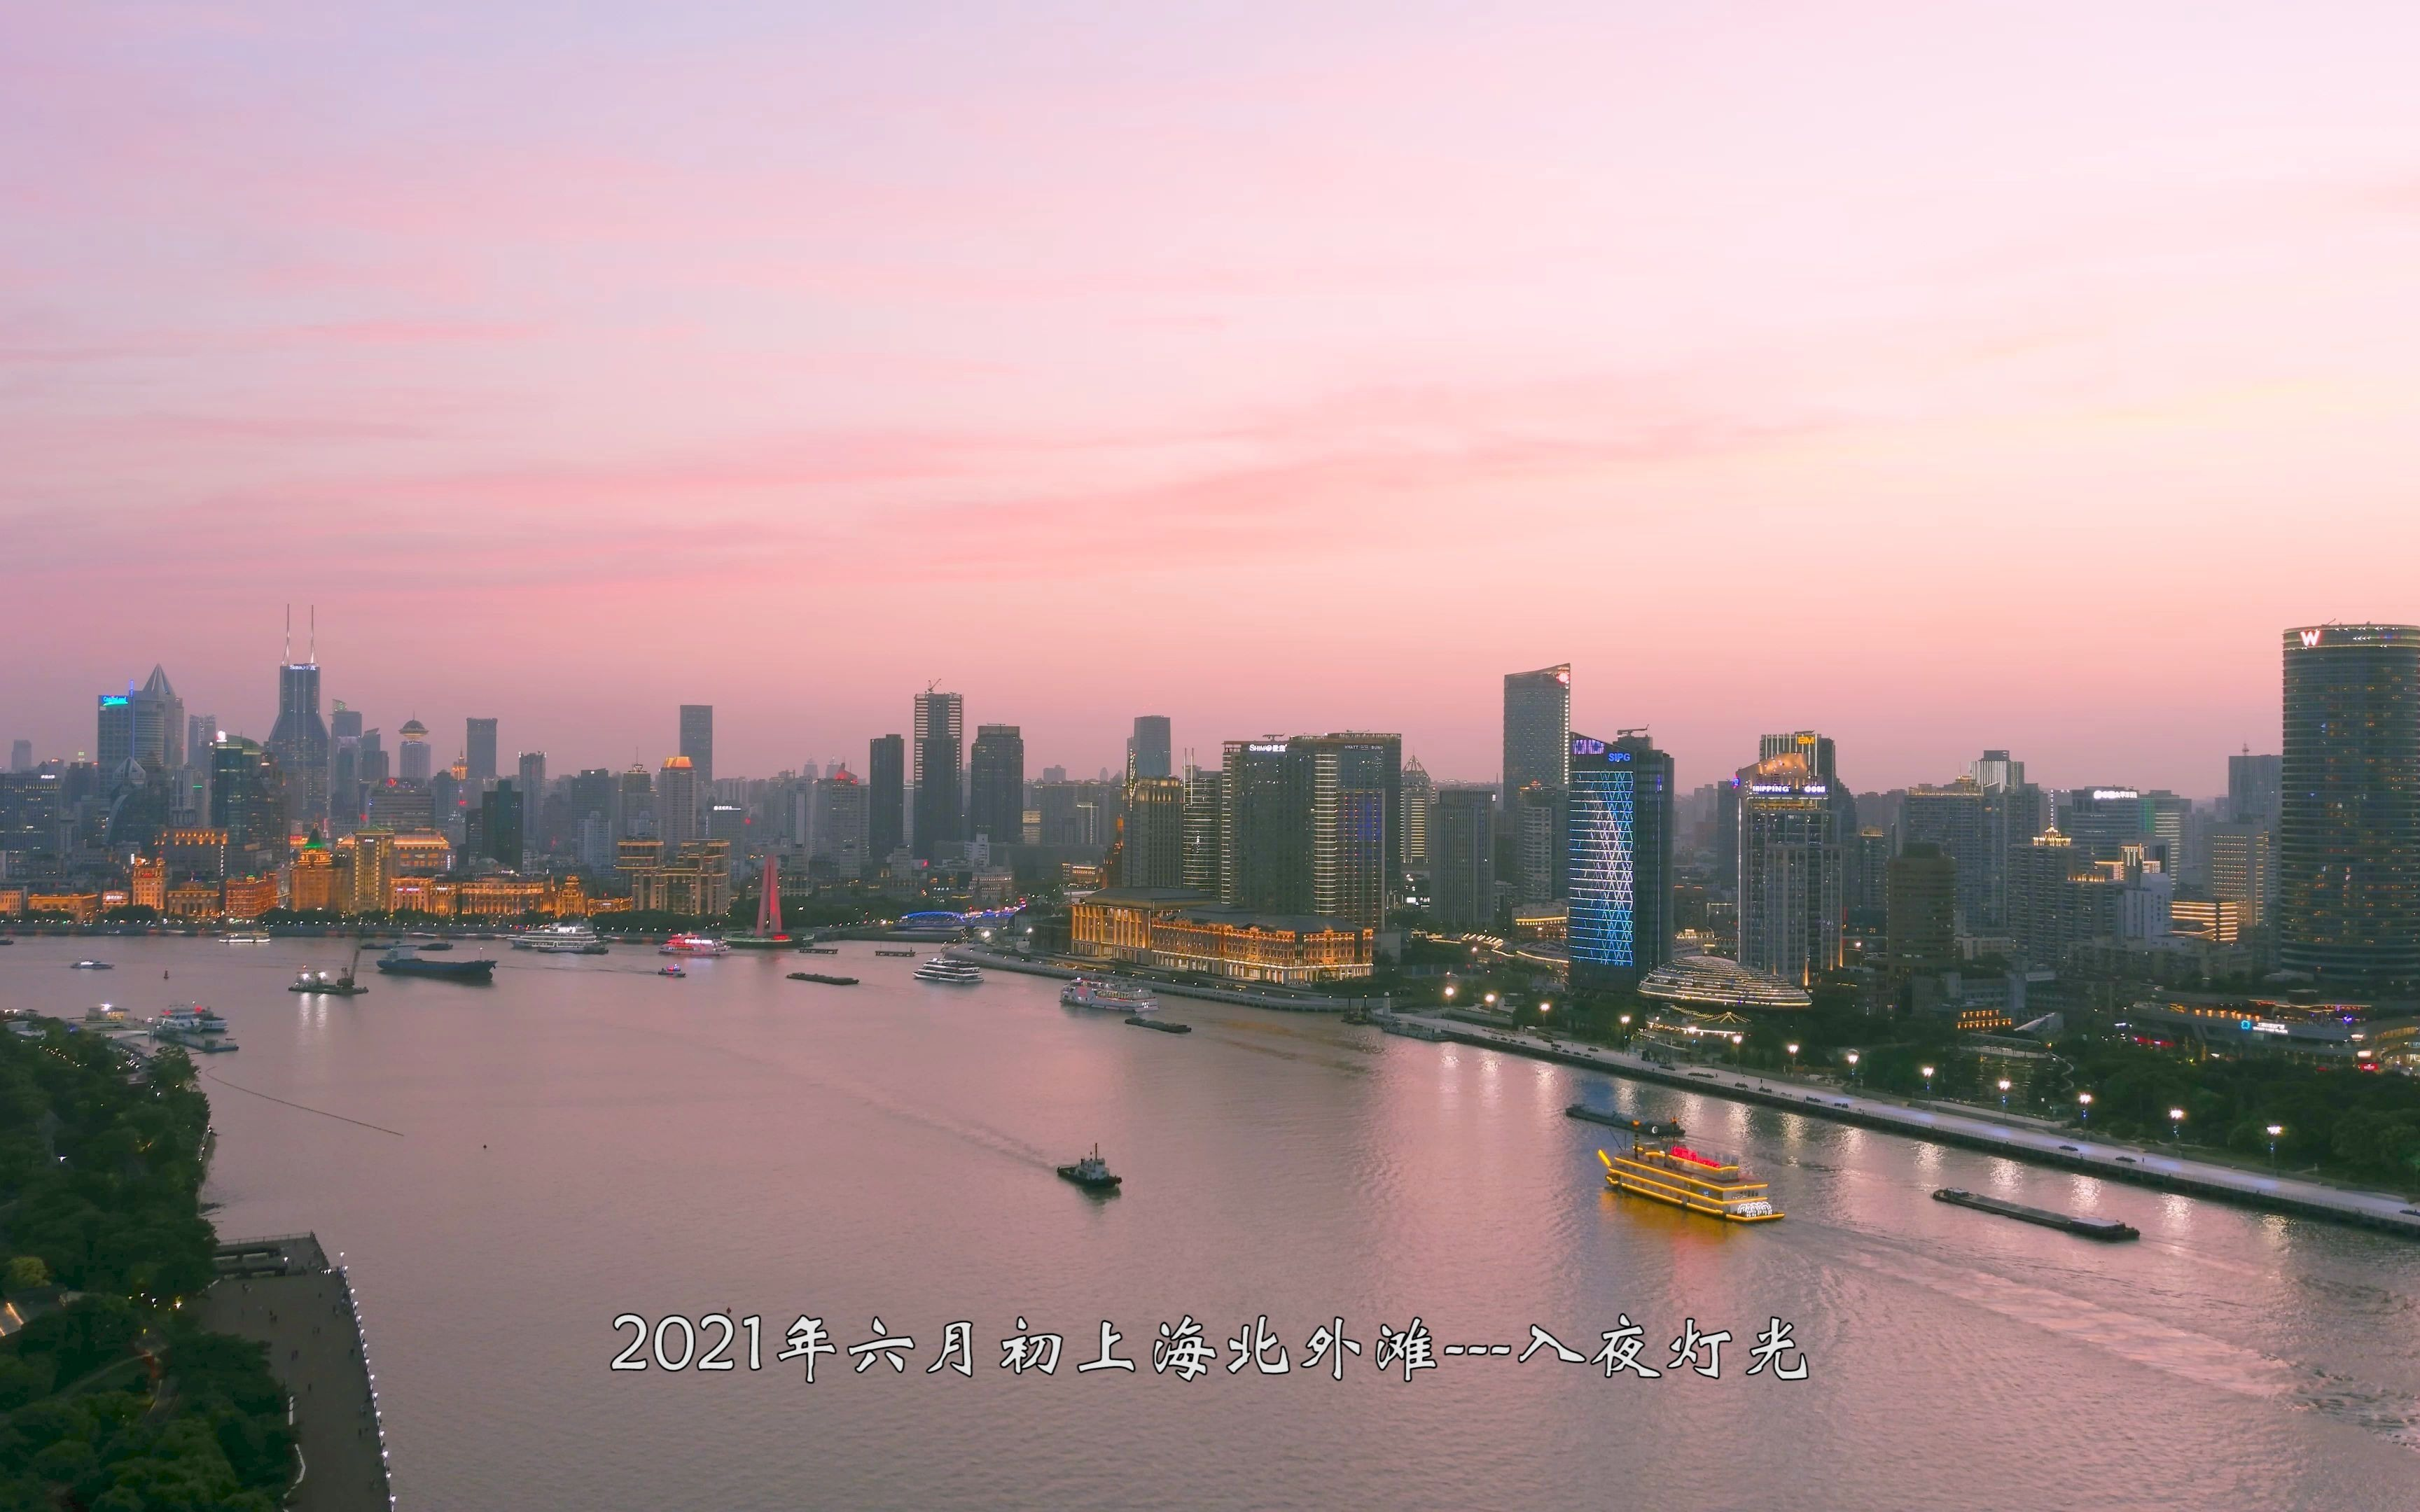 2021年六月初上海北外滩---入夜灯光